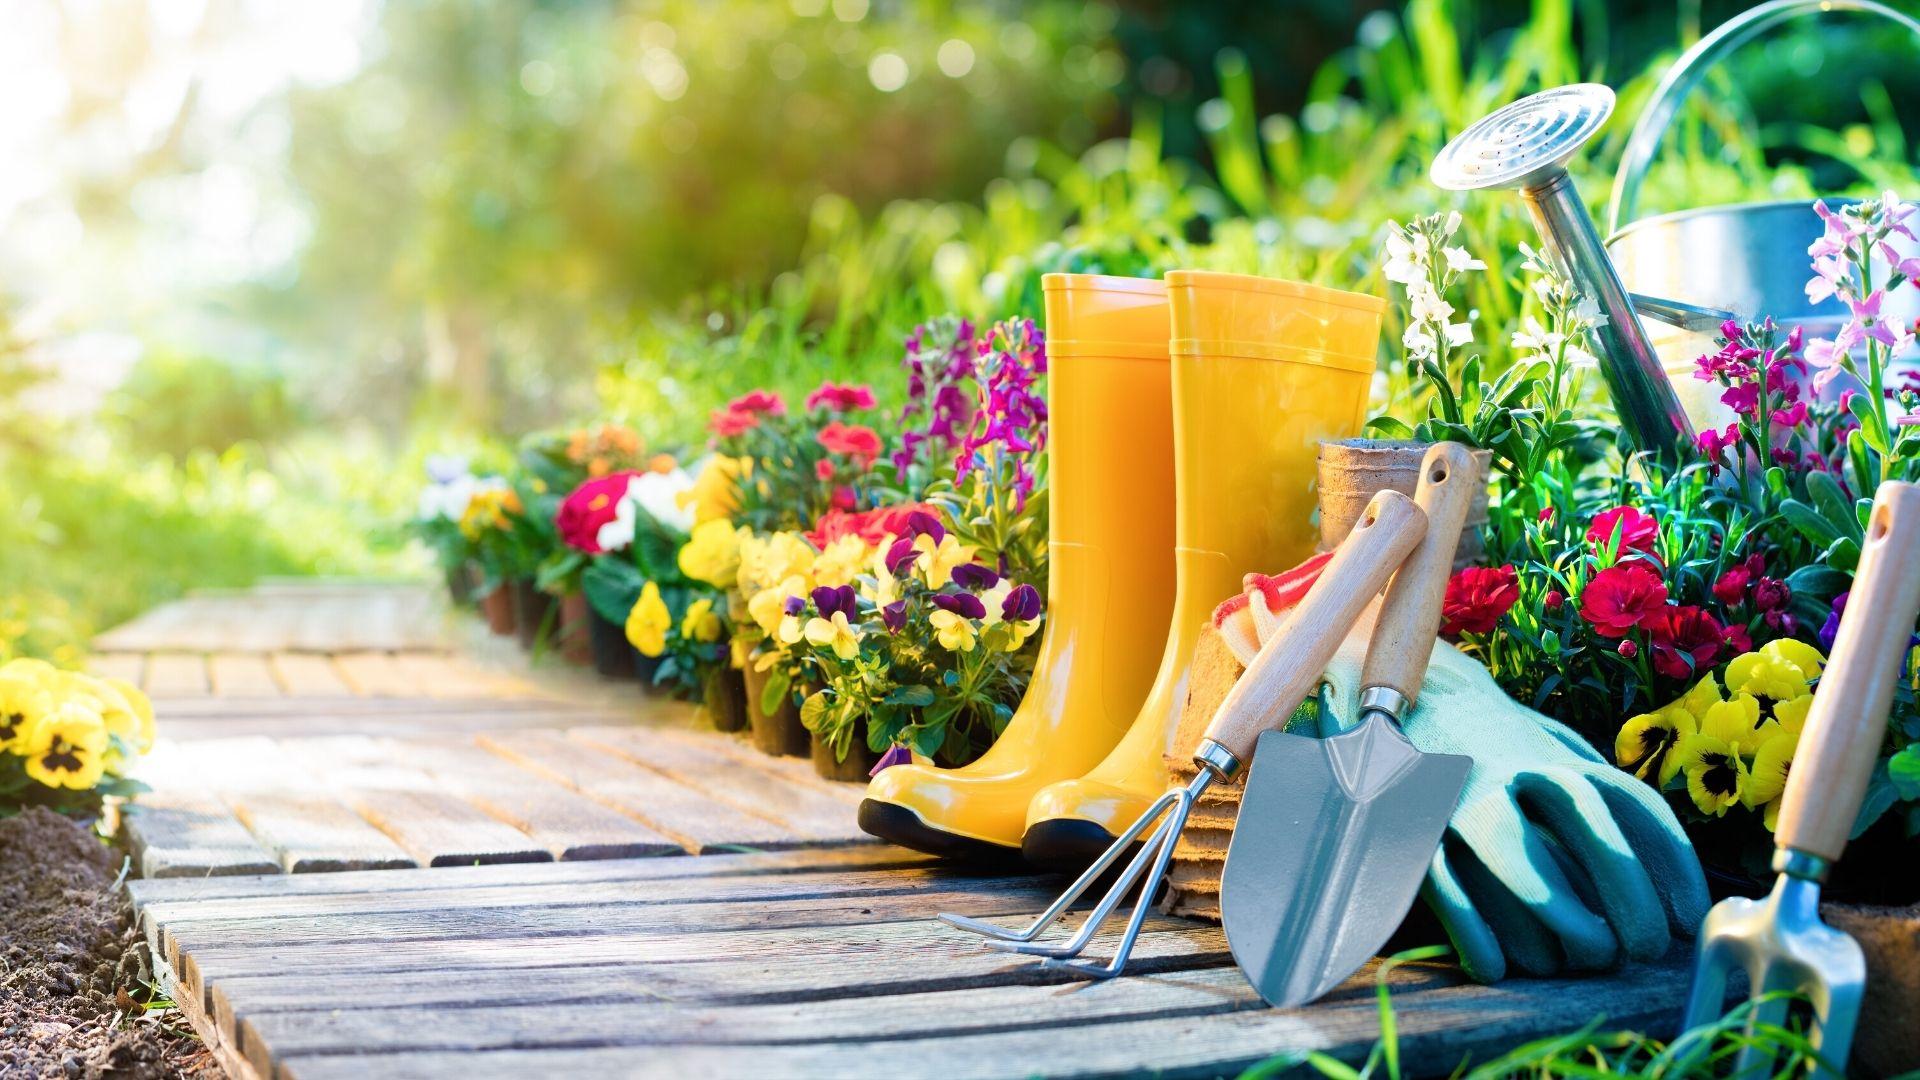 Home Garden Tips | How to Start and Maintain a Home Garden